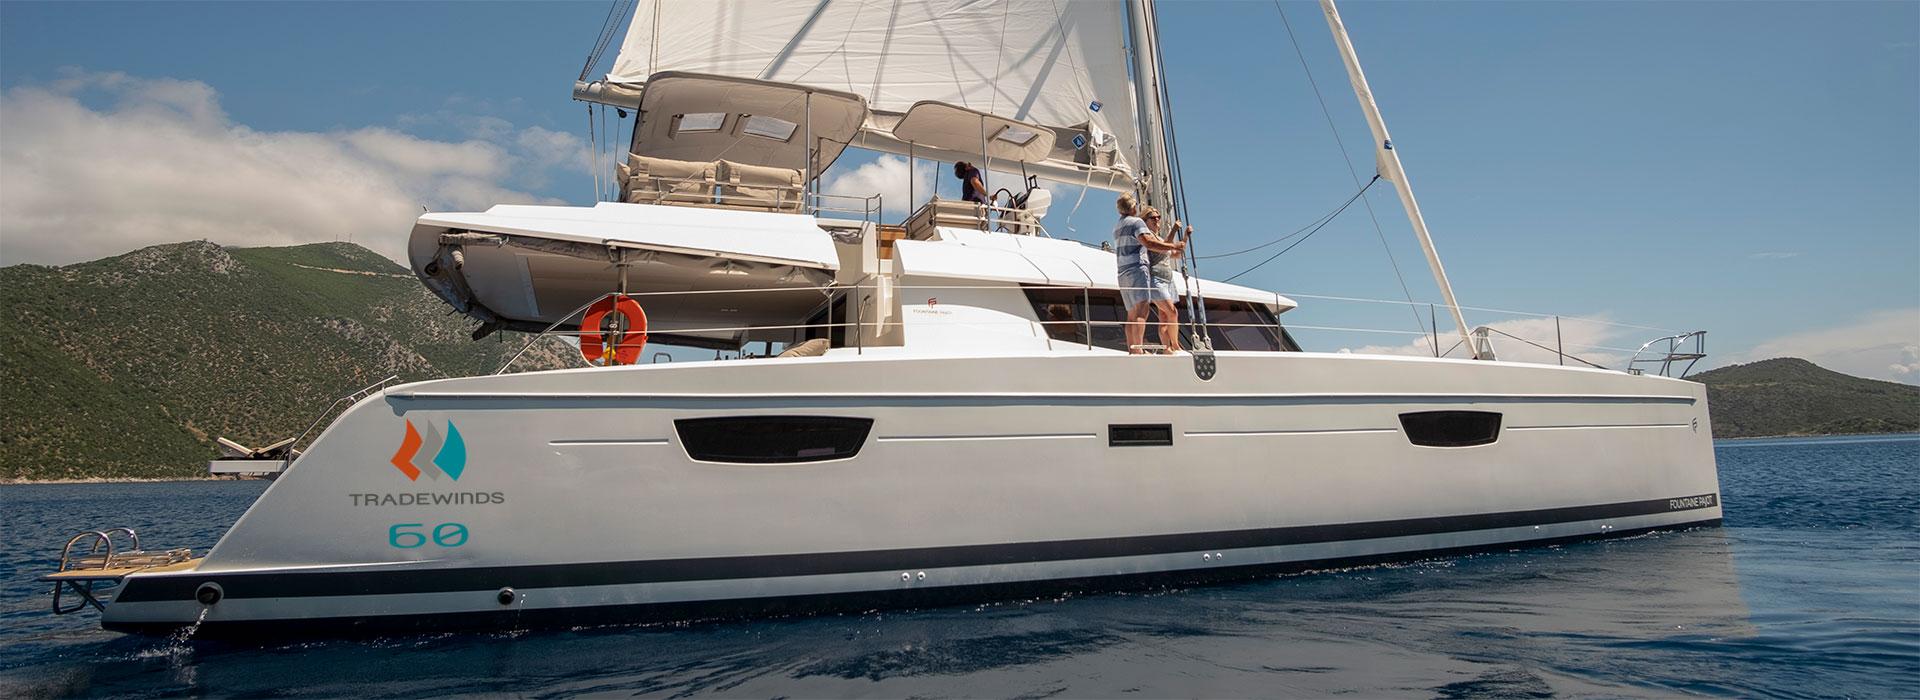 Aletheia is a TW70 luxury yacht